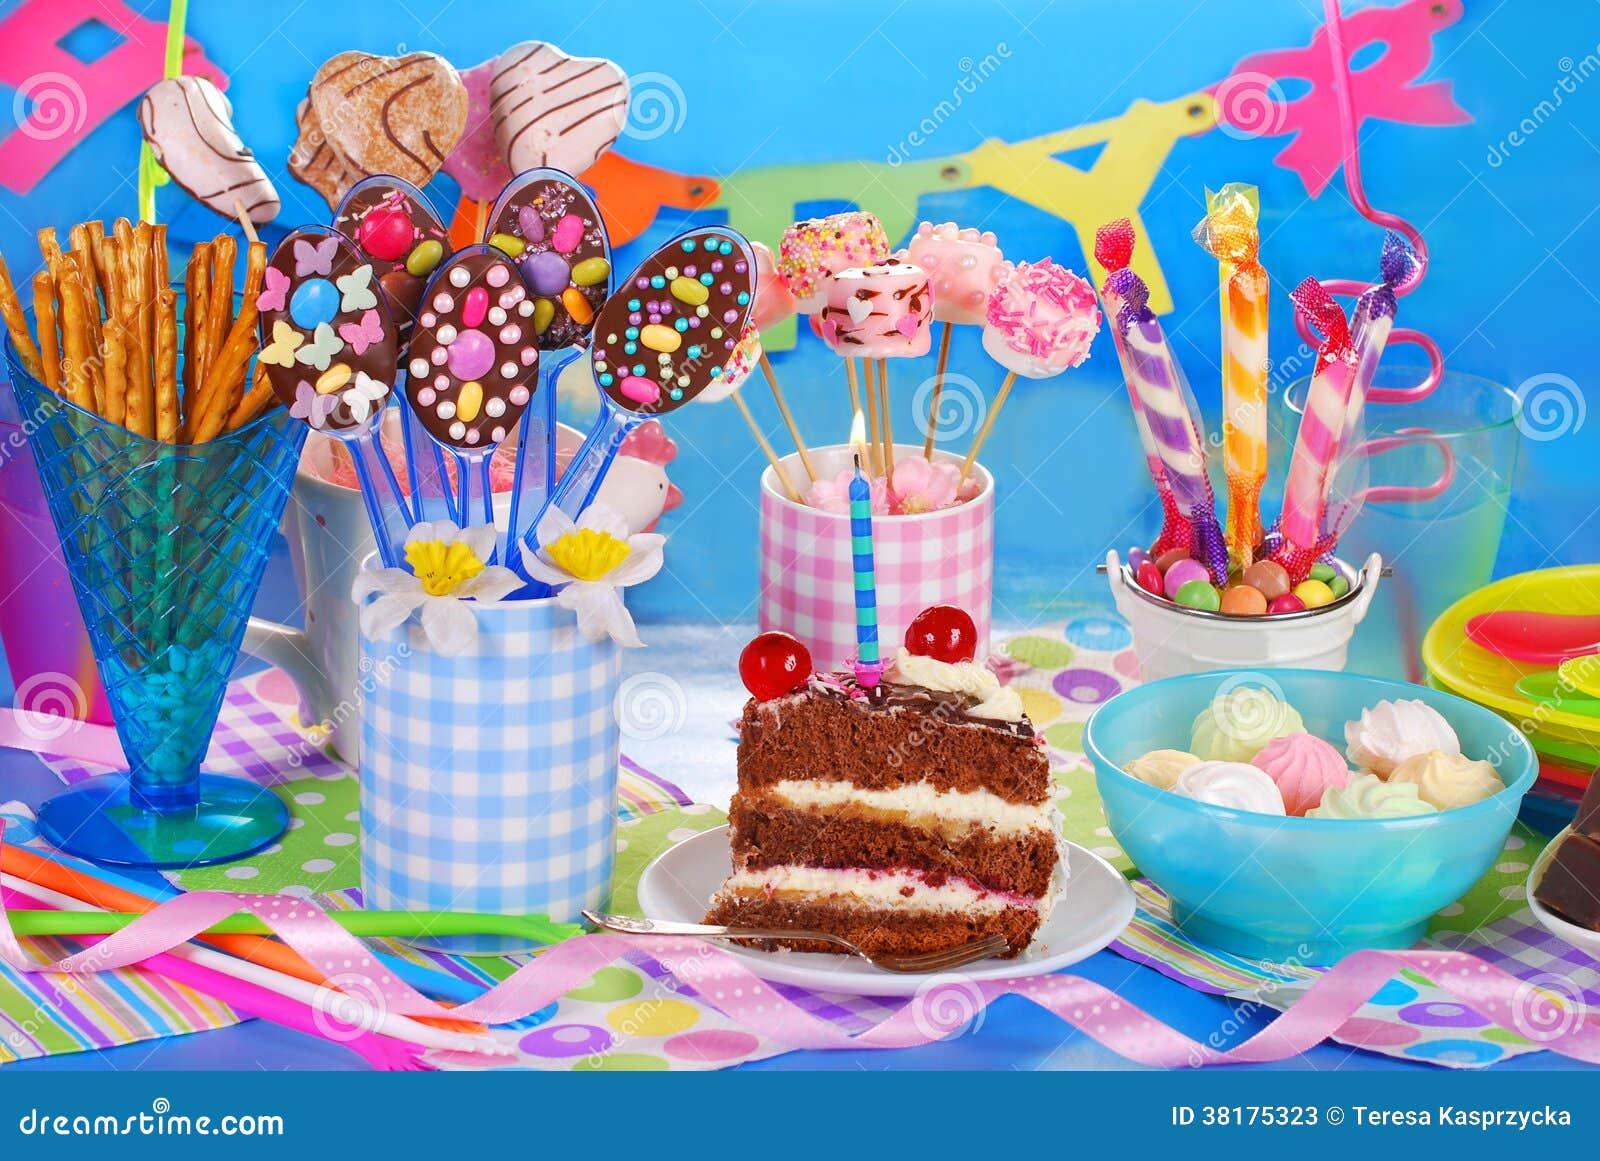 Estremamente Tavola Della Festa Di Compleanno Con Il Torte Ed I Dolci Per I  SF57